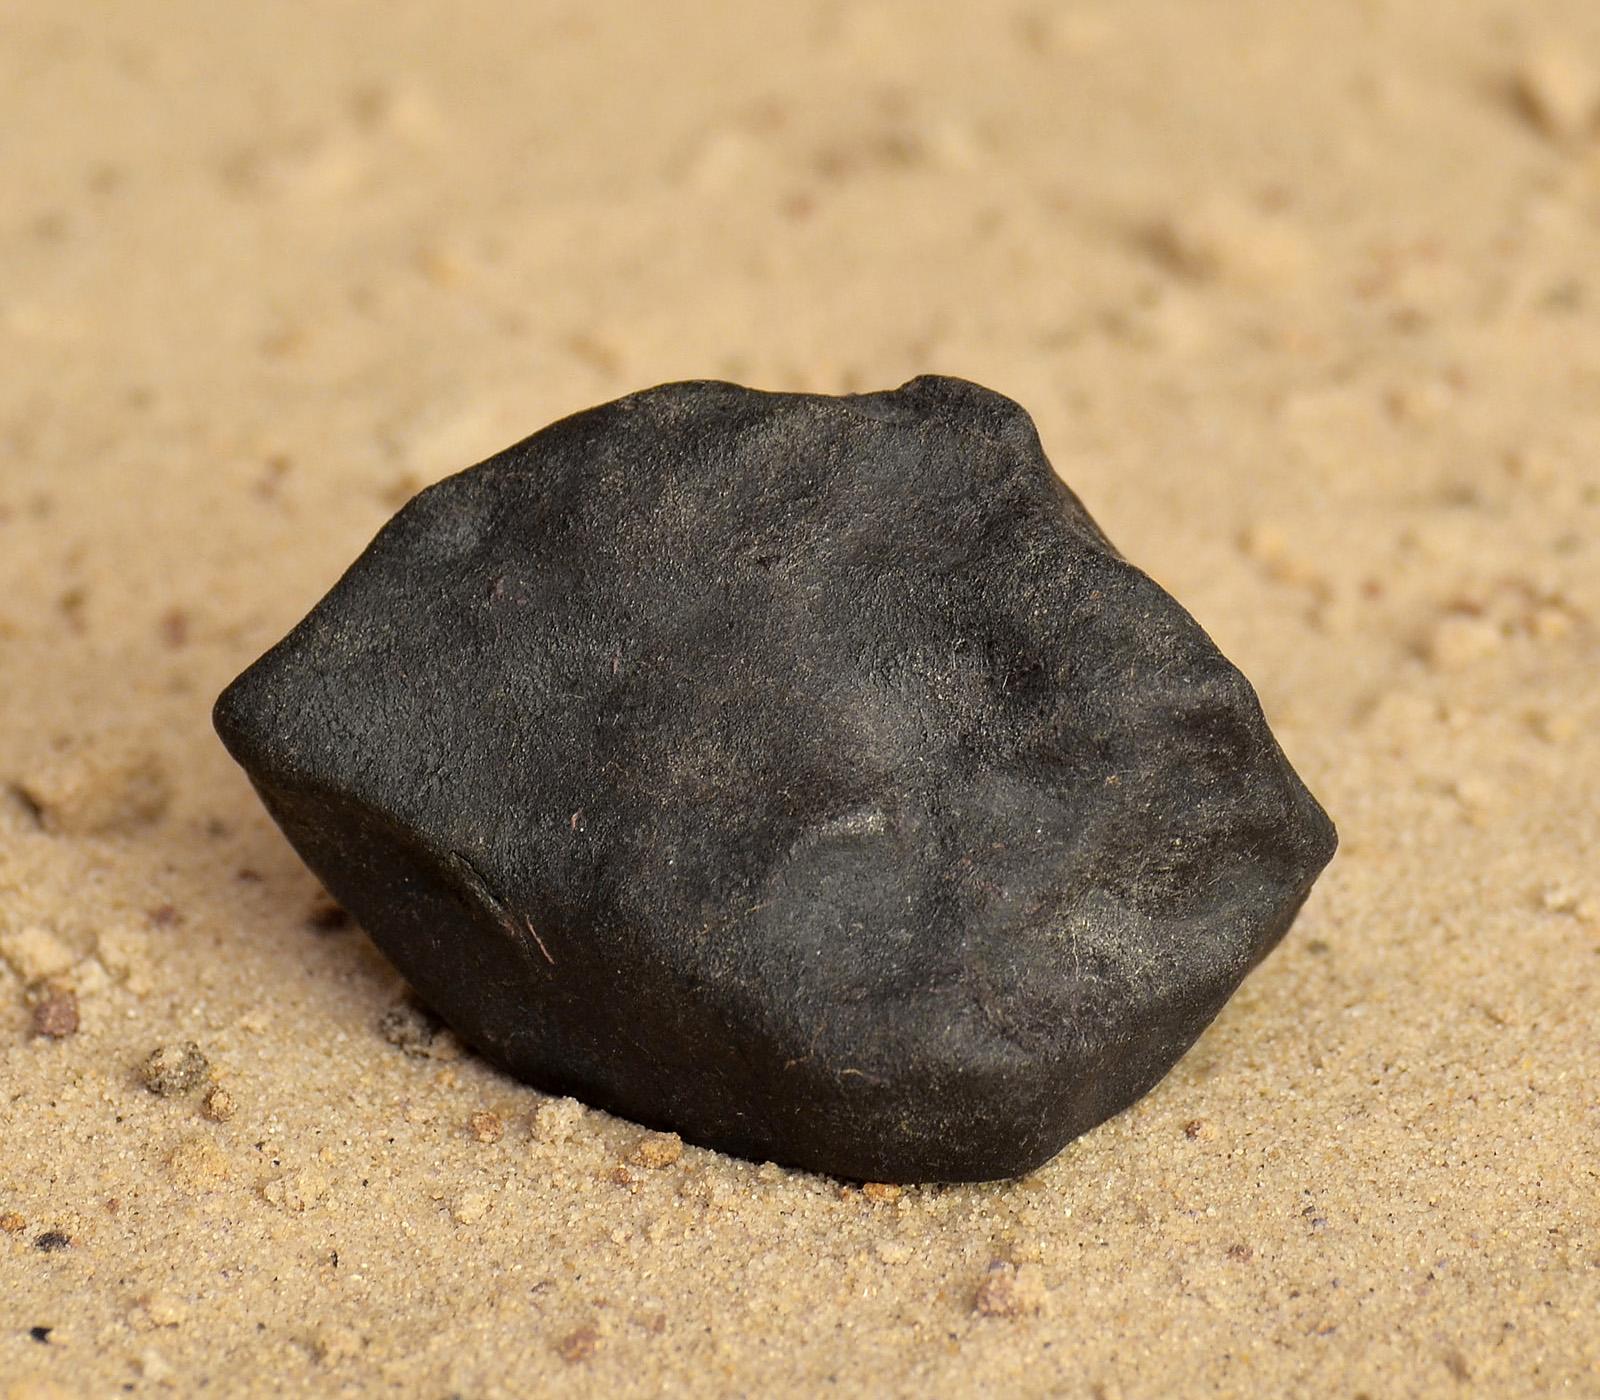 Meteoryt Košice. Meteoryty na sprzedaż/wymianę (meteorites ...